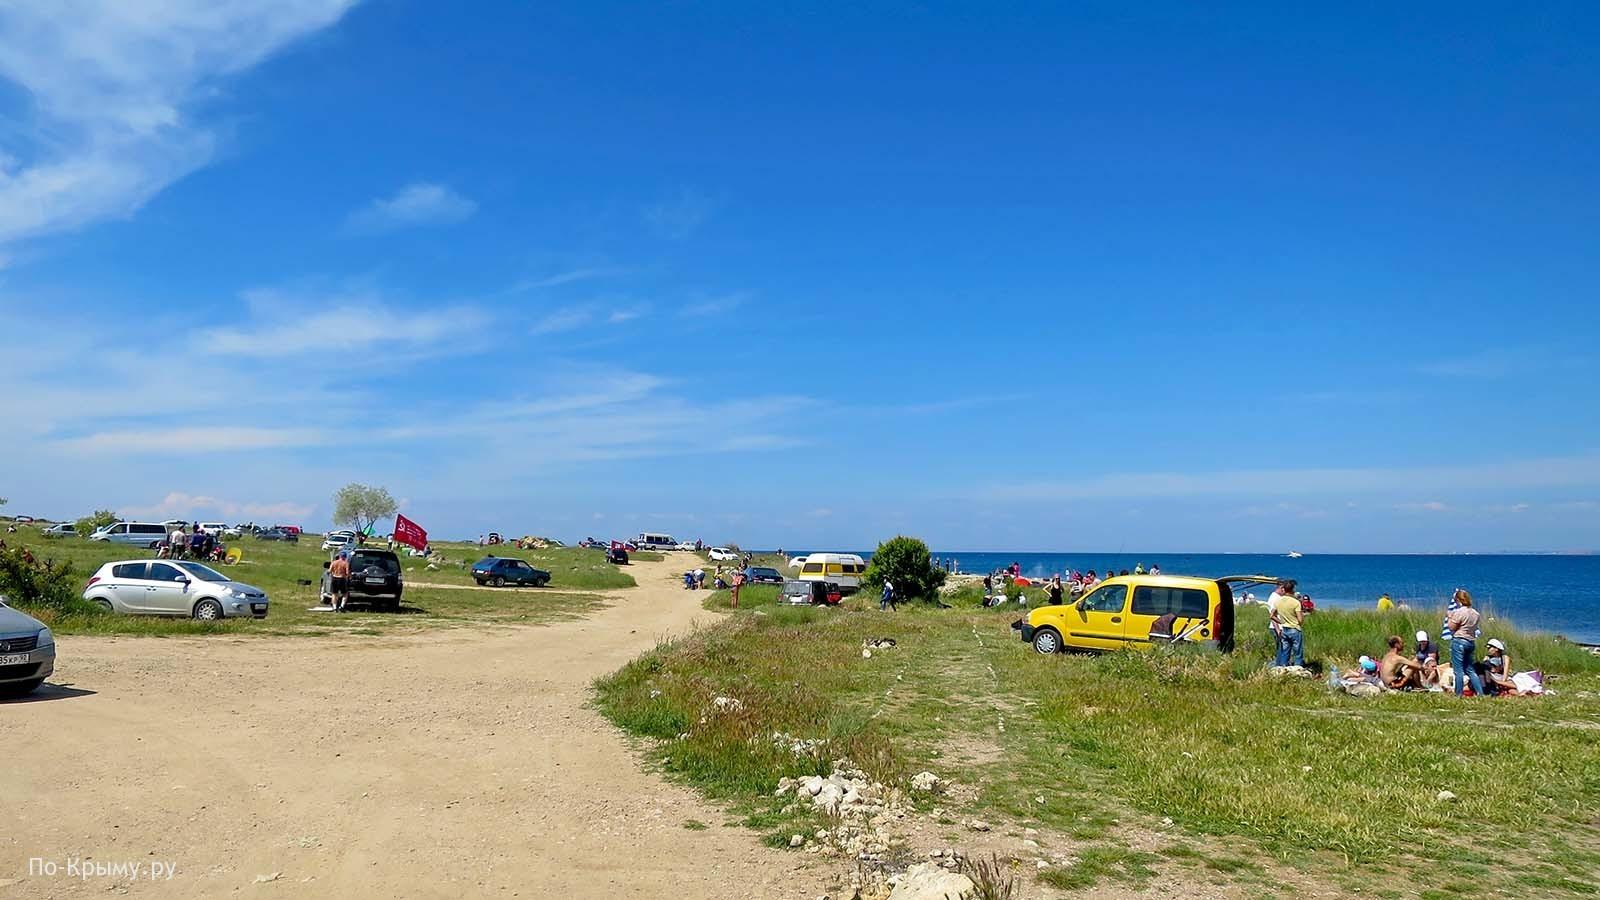 Дикие пляжи бухты Омега